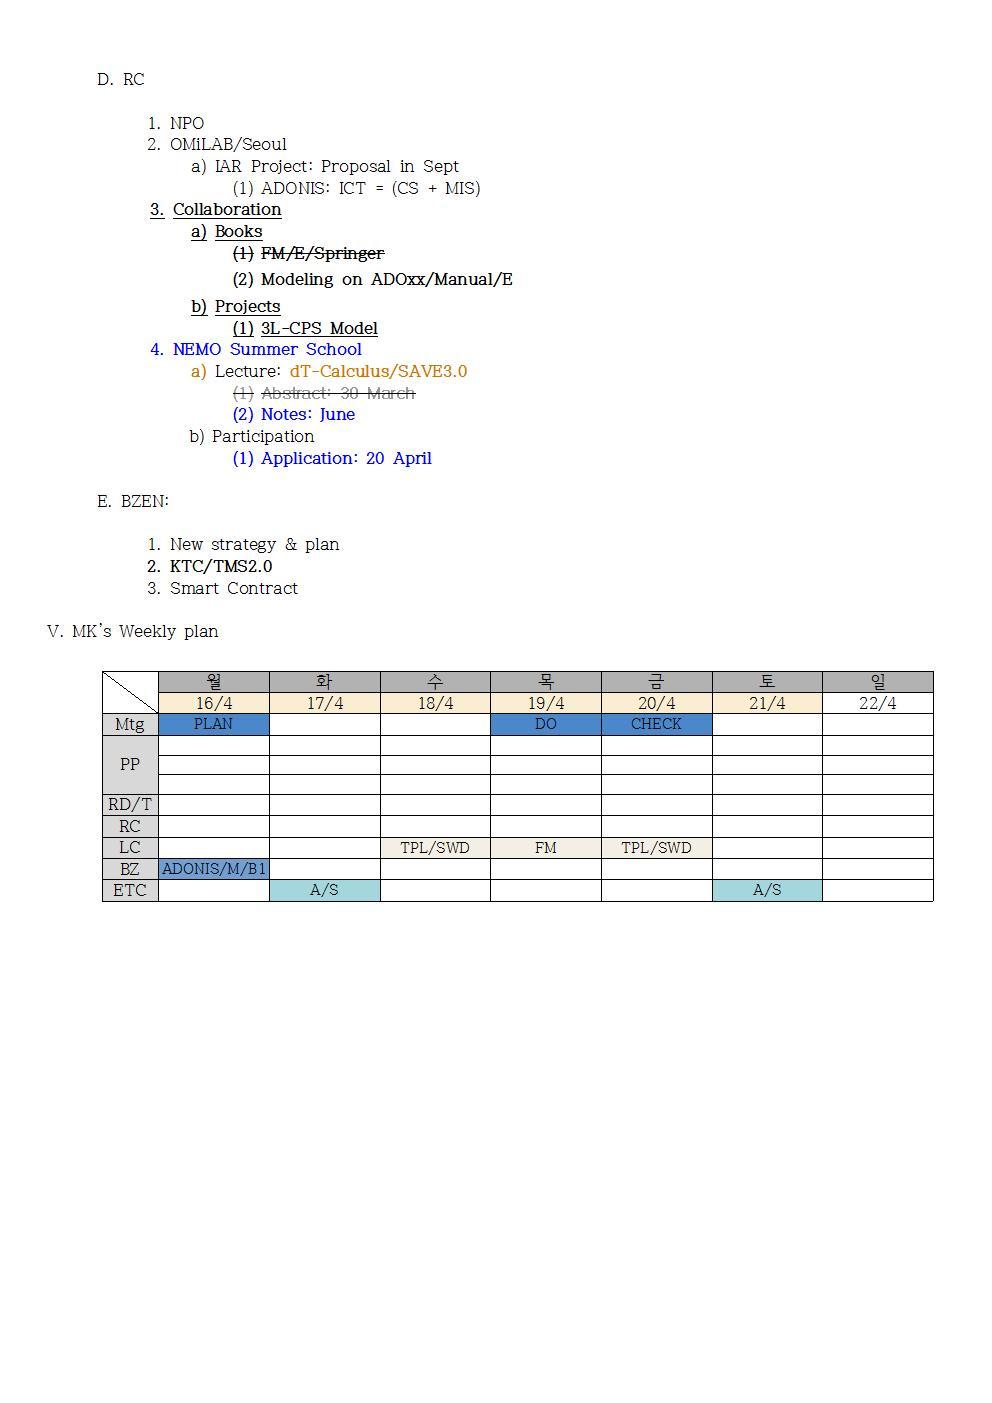 1-Mon-2018-04-16-PLAN-MK-Agenda002.jpg